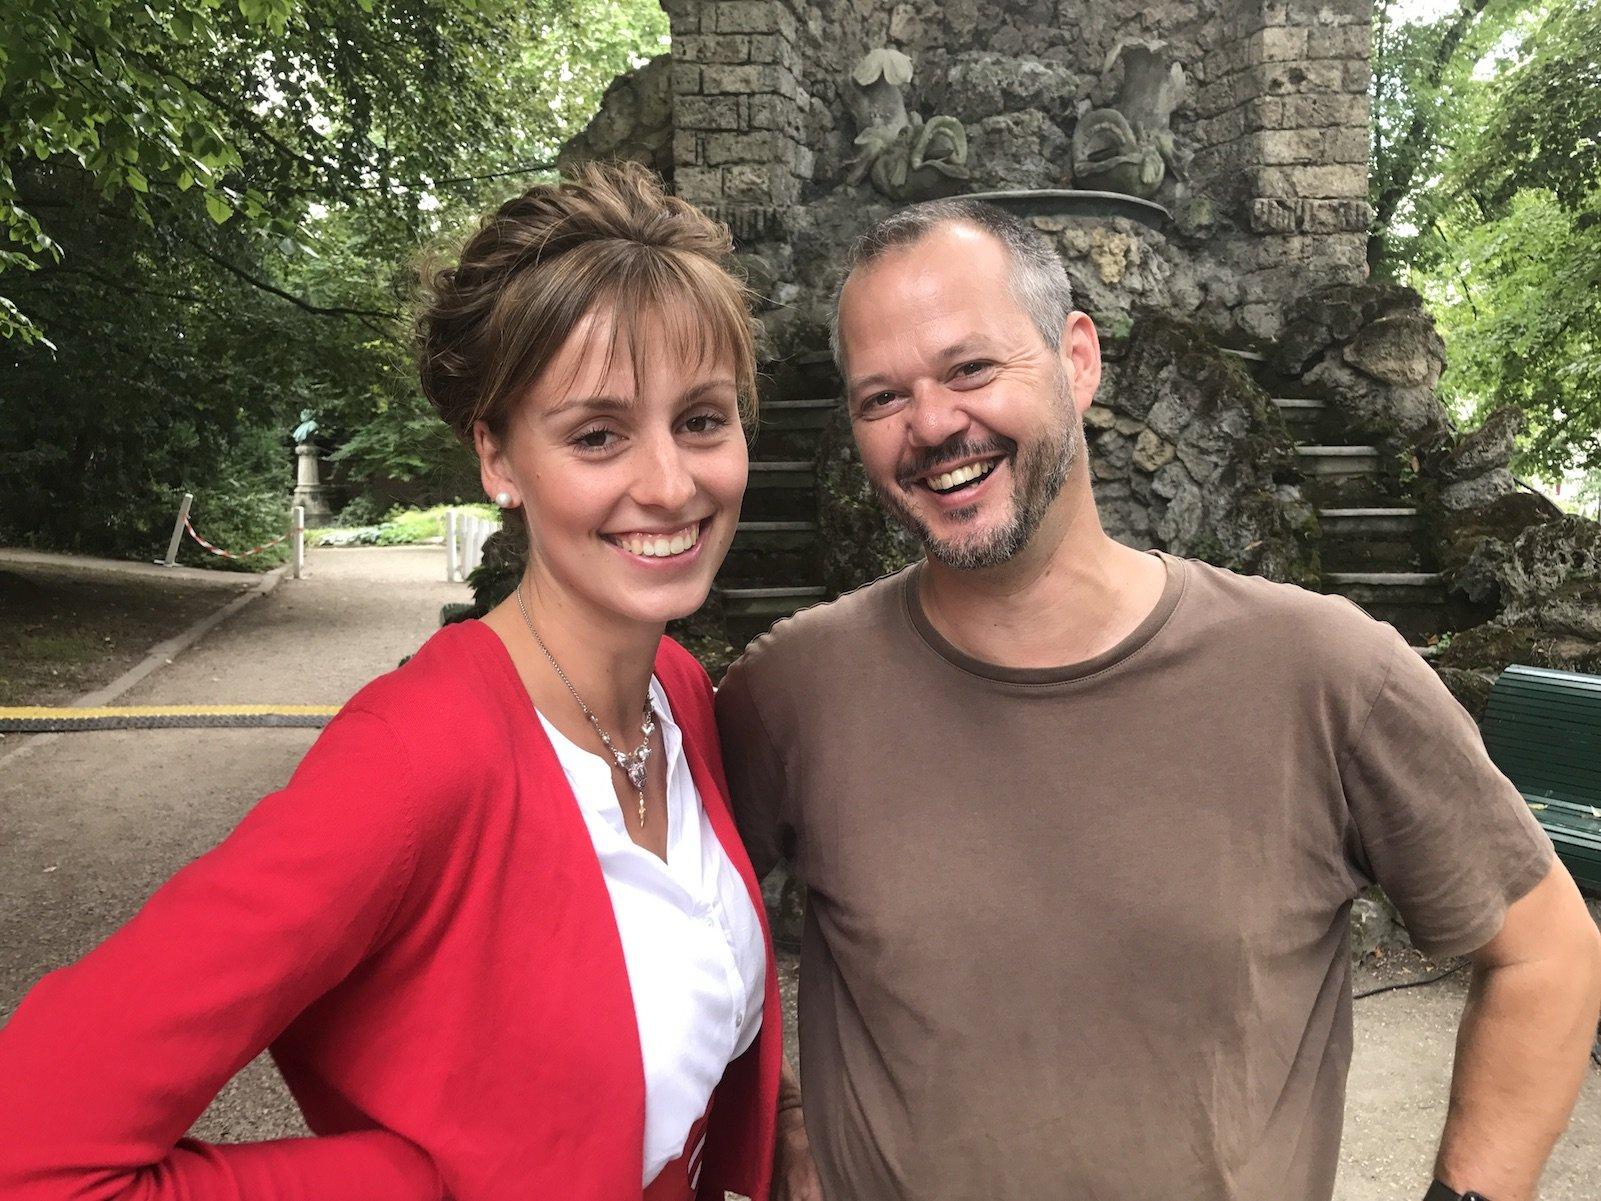 Die liebenswerte Backfischbraut Franziska Henrici und der olle Reiseblogger Hubert in Worms